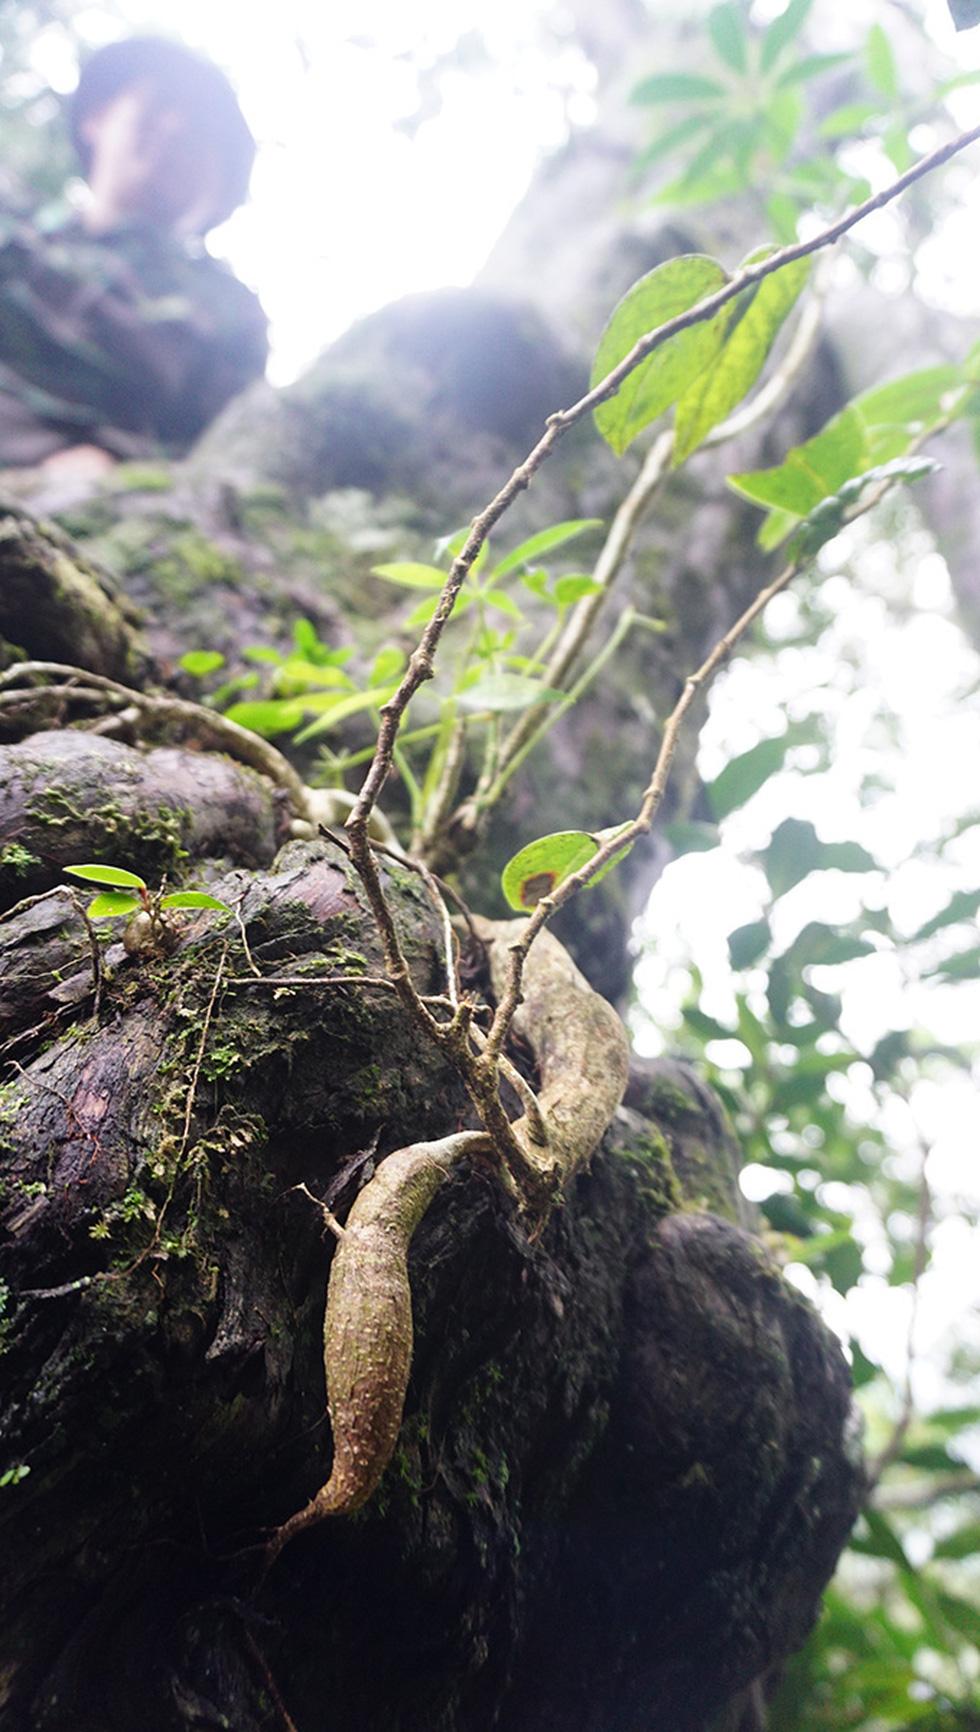 Phóng sự đường rừng: Đi tìm rừng thiêng - Kỳ cuối: Giải mã linh mộc - Ảnh 3.